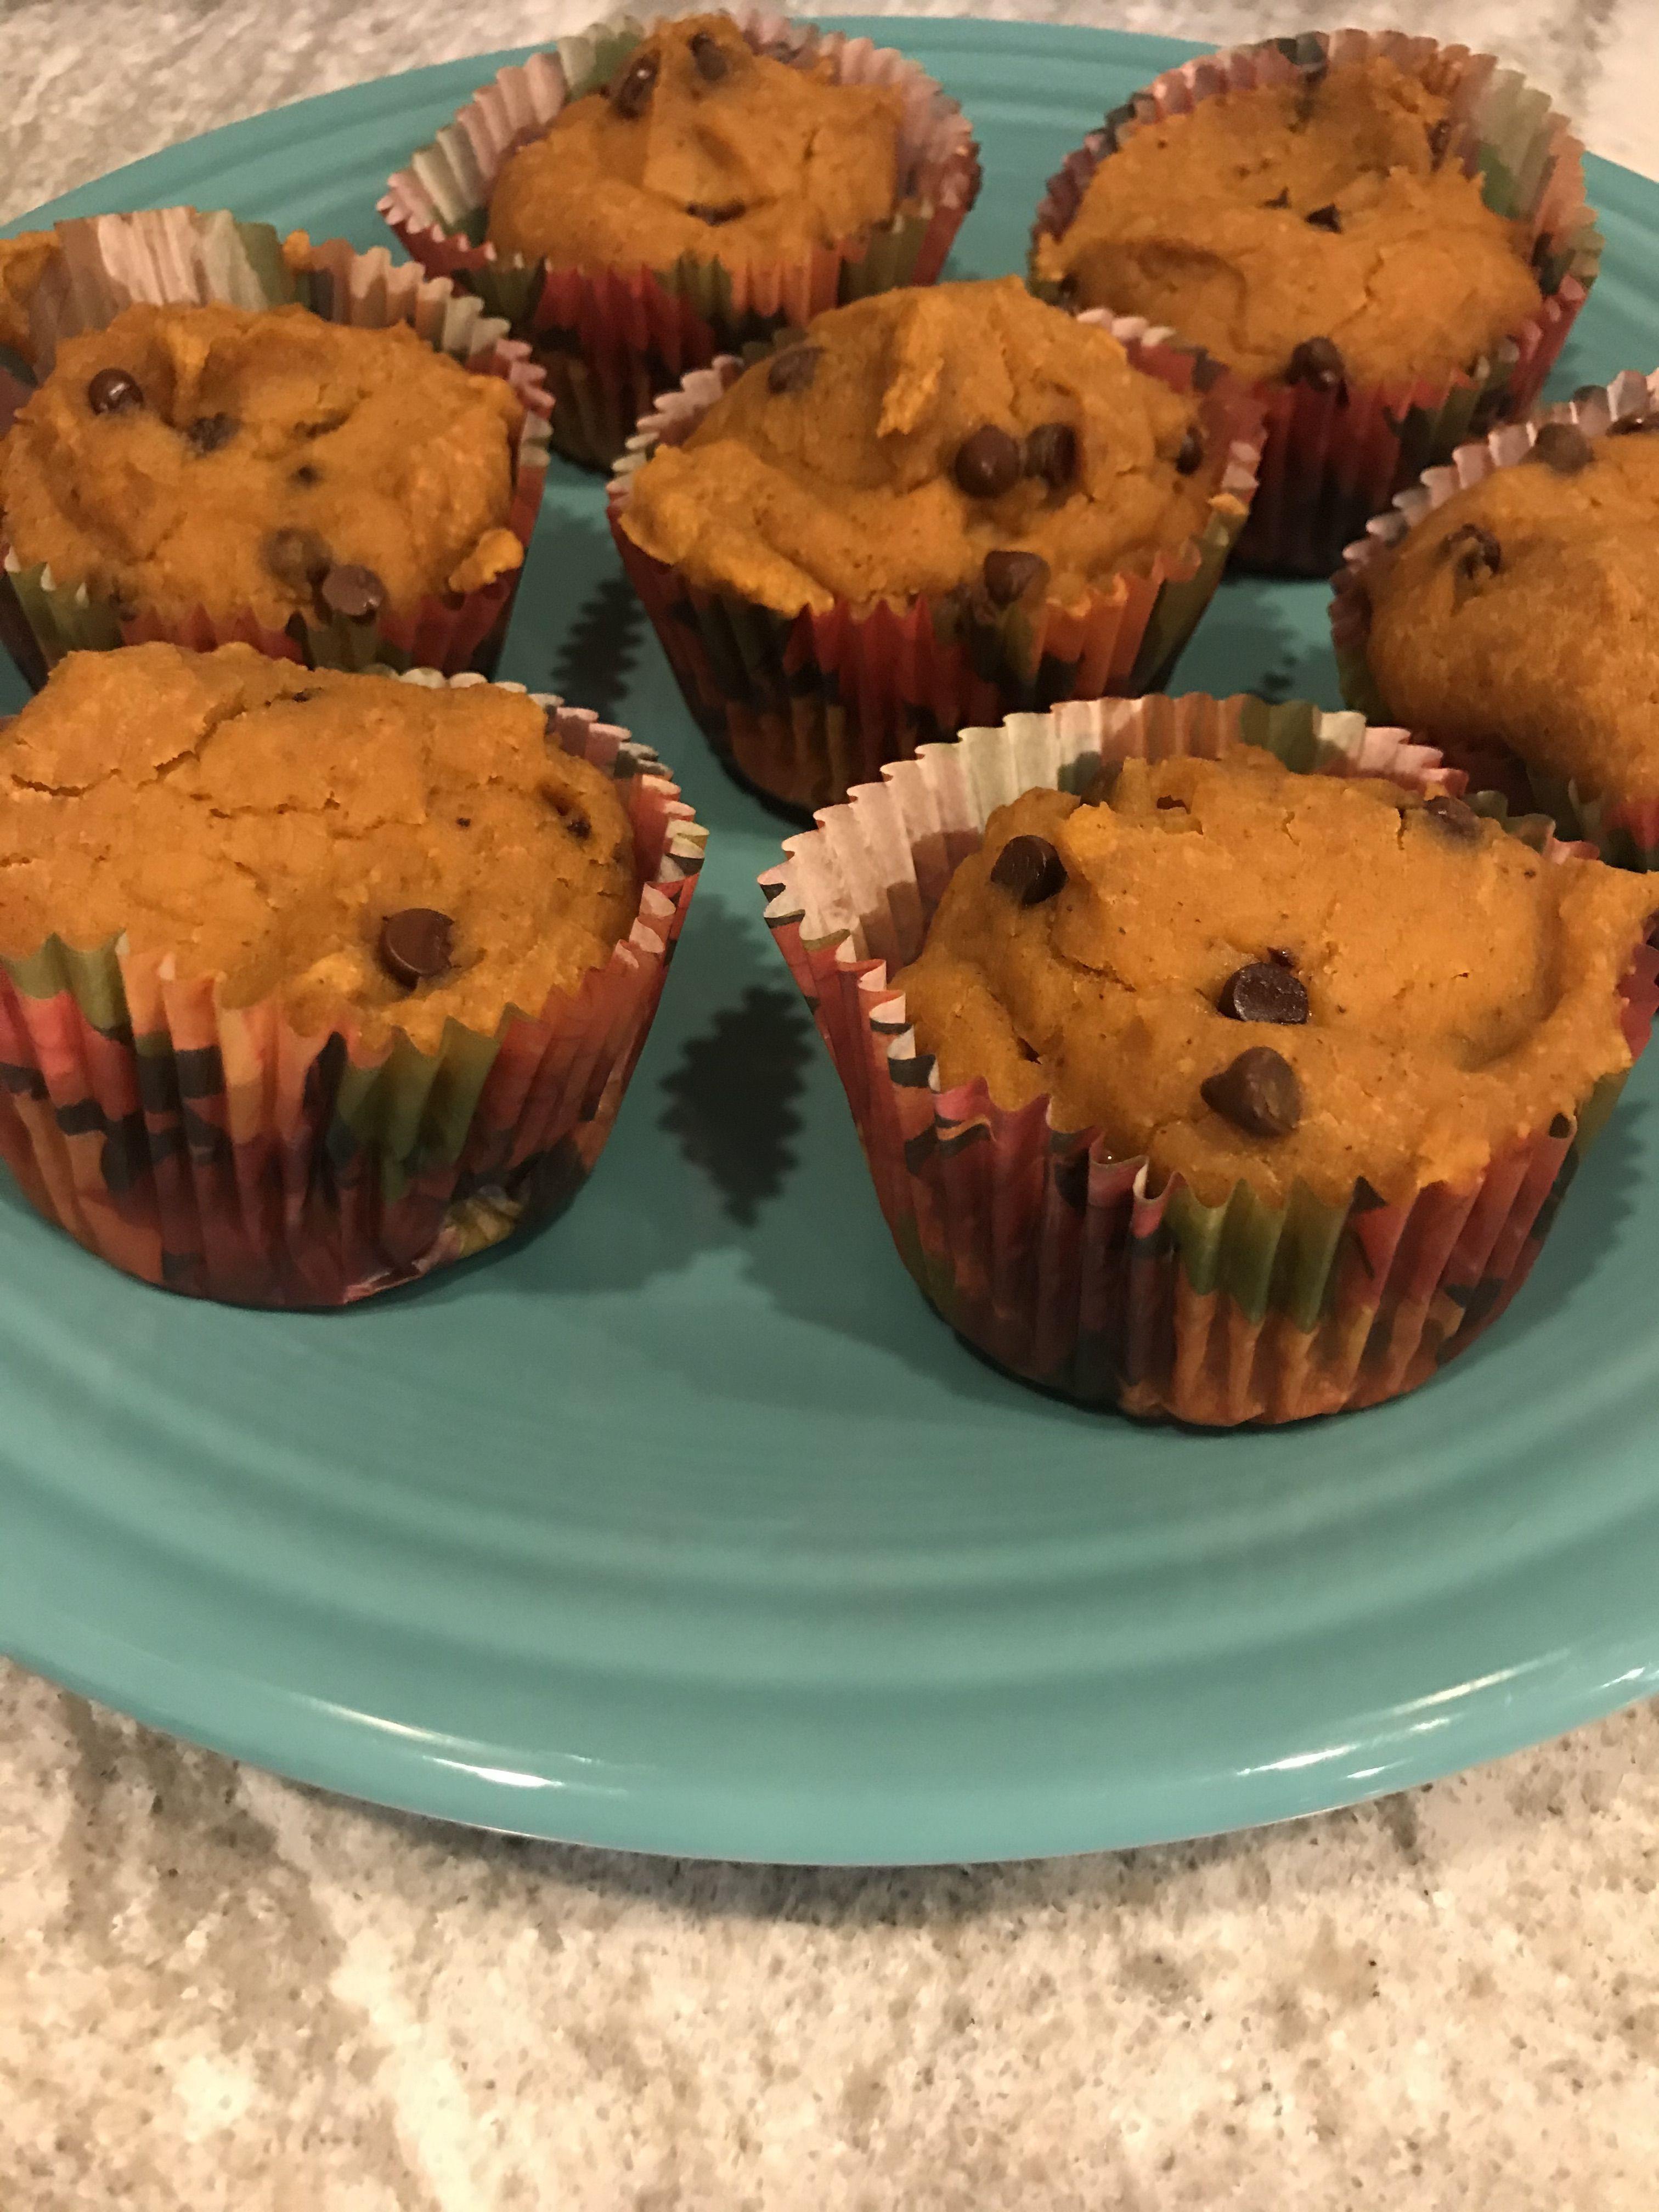 Gluten free pumpkin spice muffins or cupcakes recipe